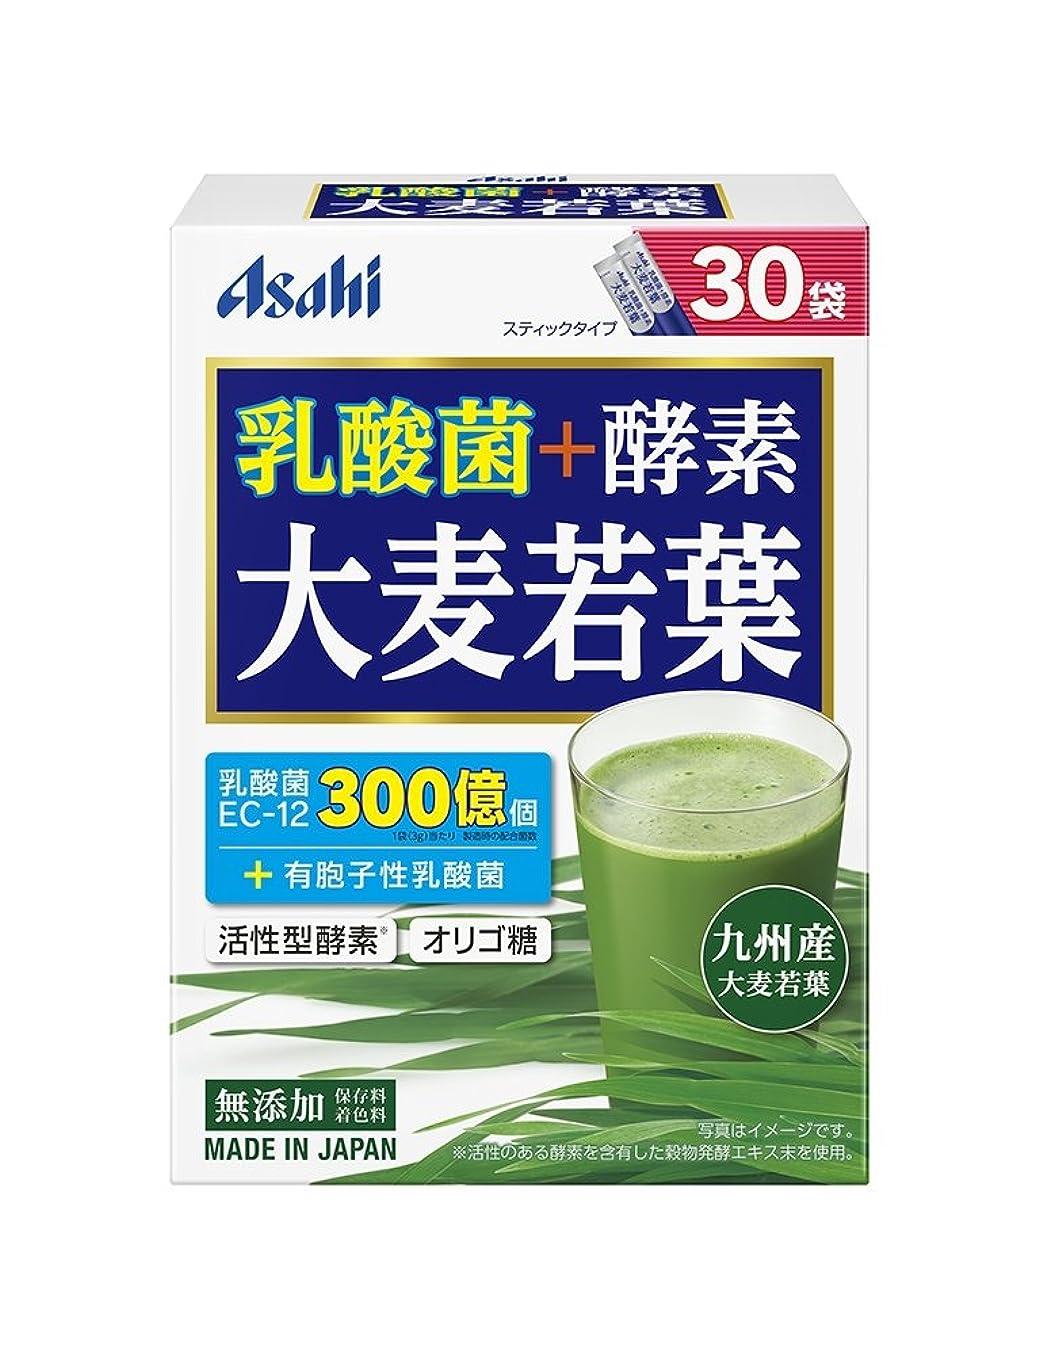 対称多数の家主乳酸菌+酵素 大麦若葉 30袋(90g)